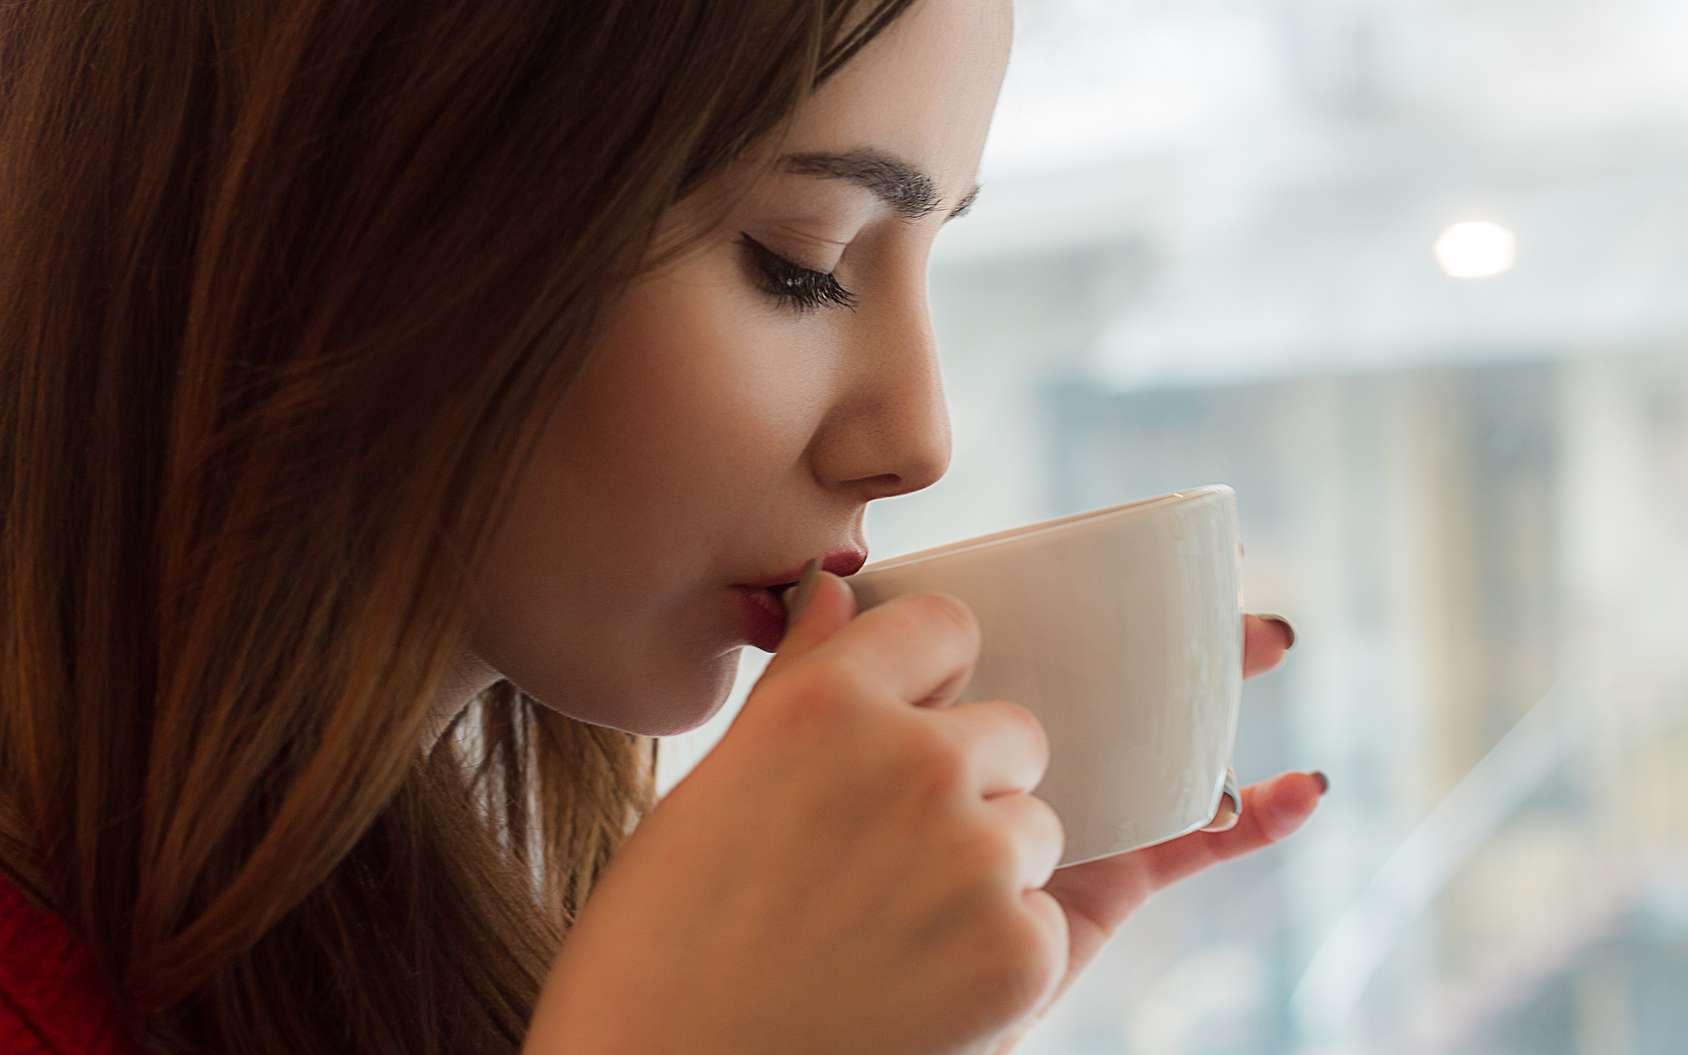 Le lait est riche en tryptophane qui conditionne la synthèse de la sérotonine, une hormone favorisant l'endormissement. Bu le soir, il permettrait ainsi de mieux dormir. © heatray, Fotolia